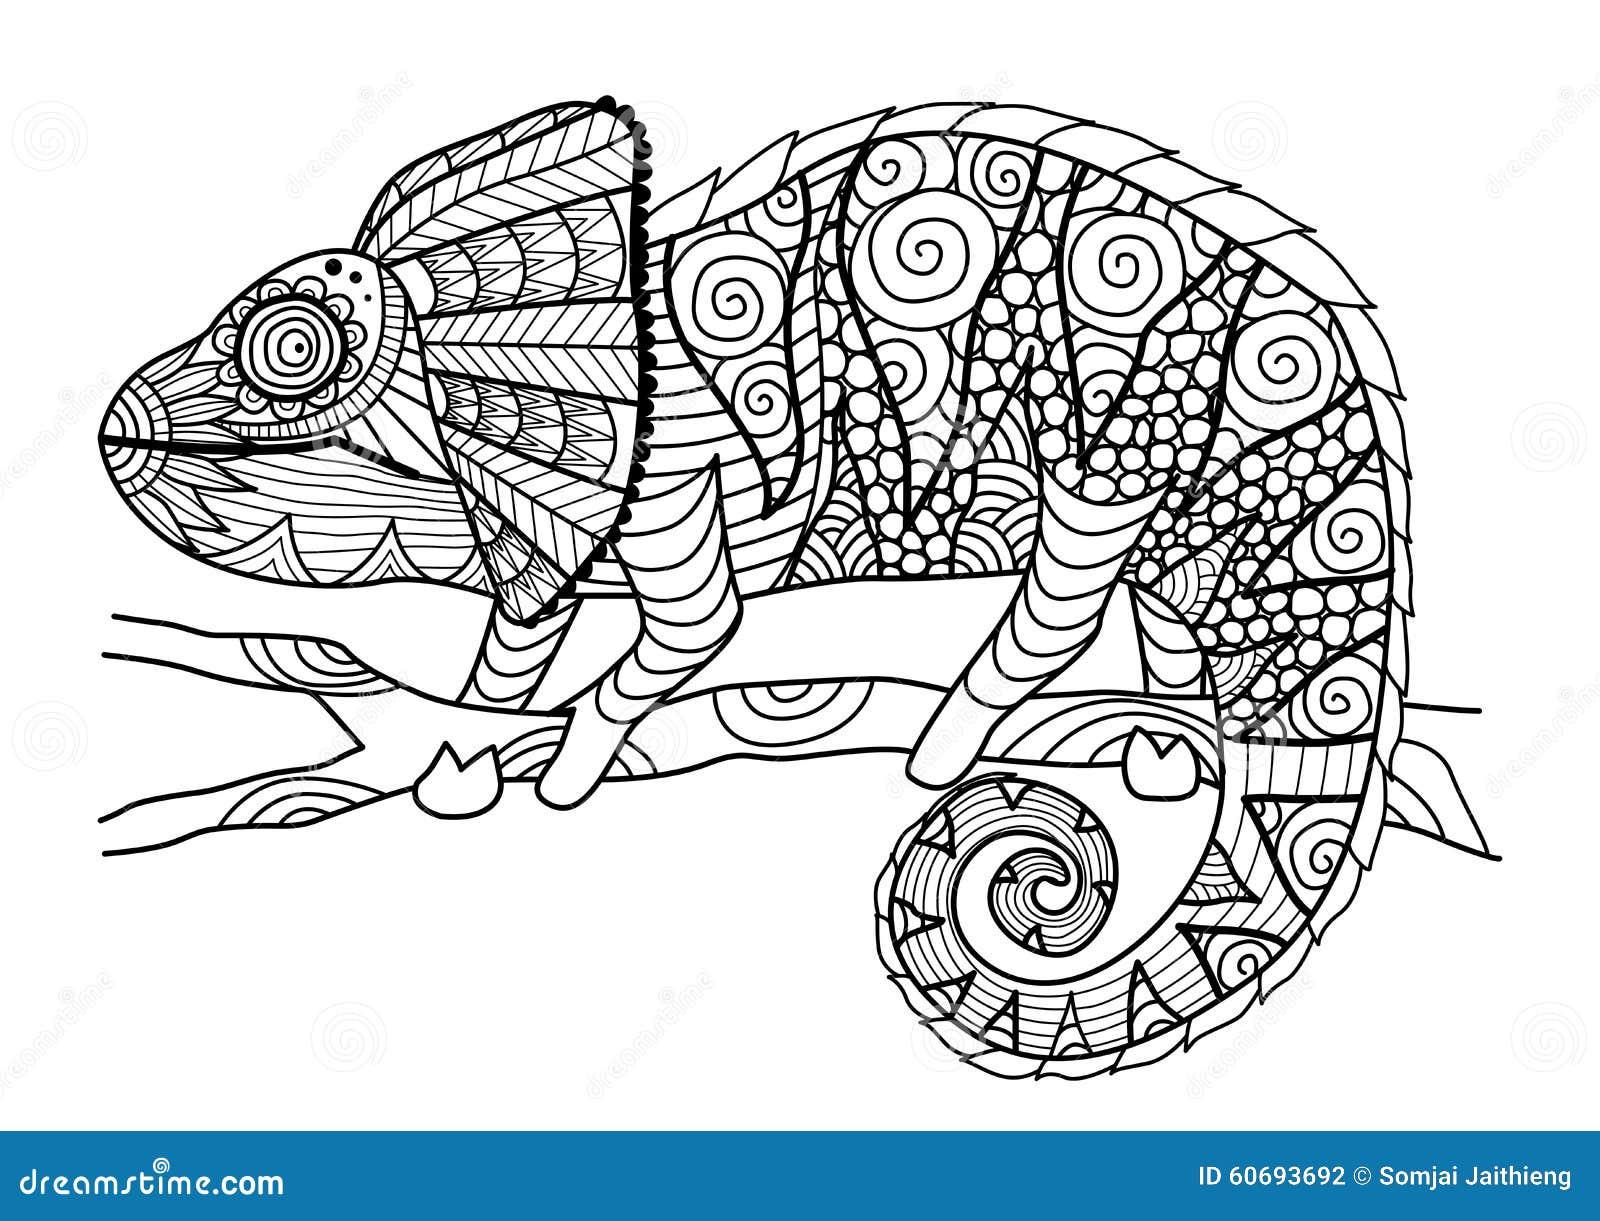 Lujoso Diseño Fresco Para Colorear Páginas Animales Modelo ...